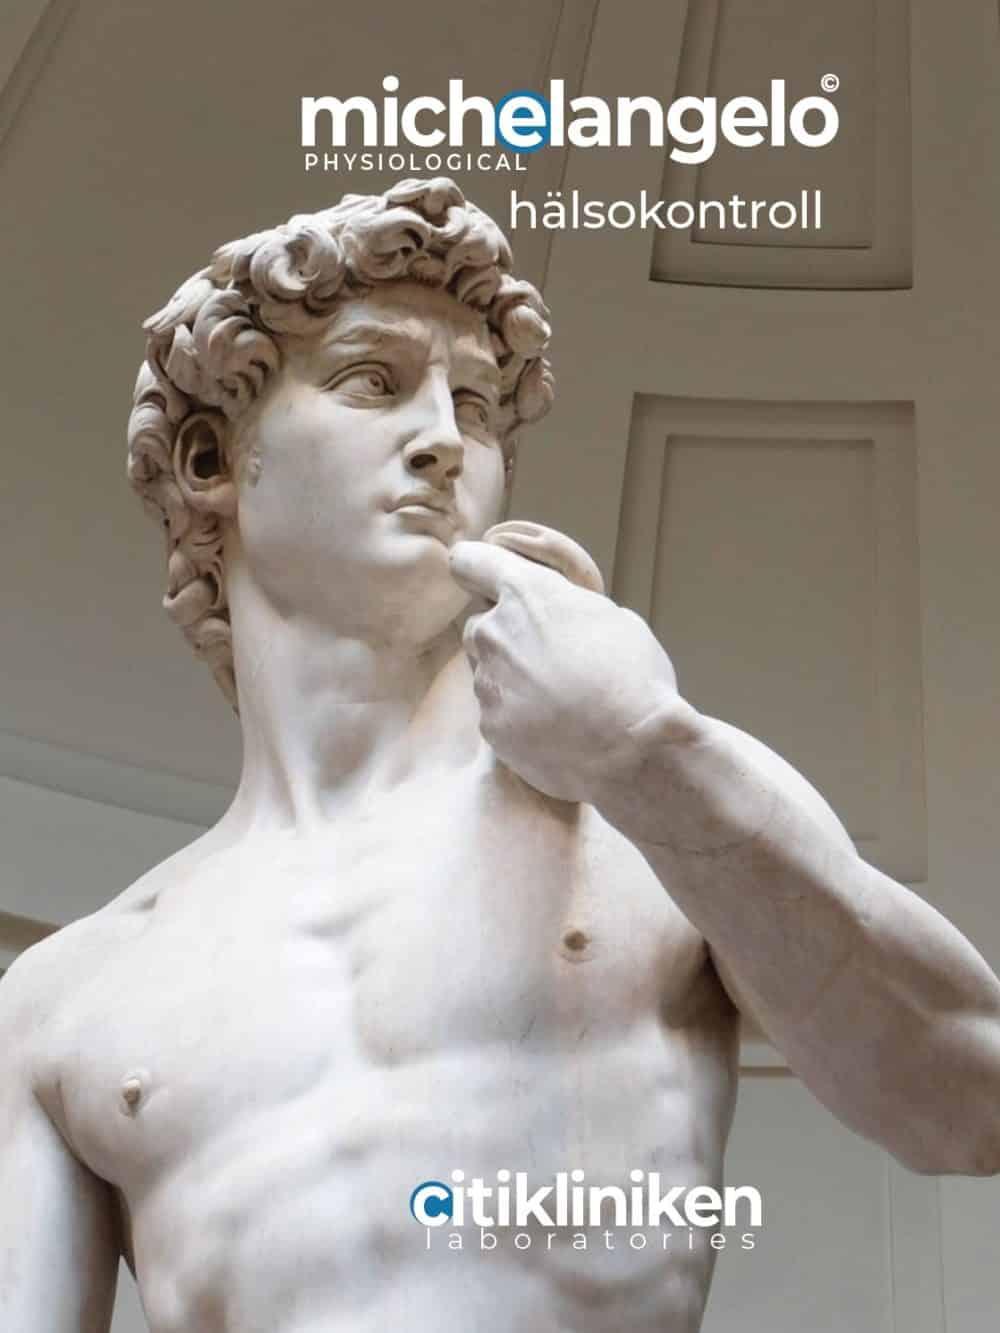 Michelangelo Physio Hälsokontroll med blodprov och mätningar på klinik